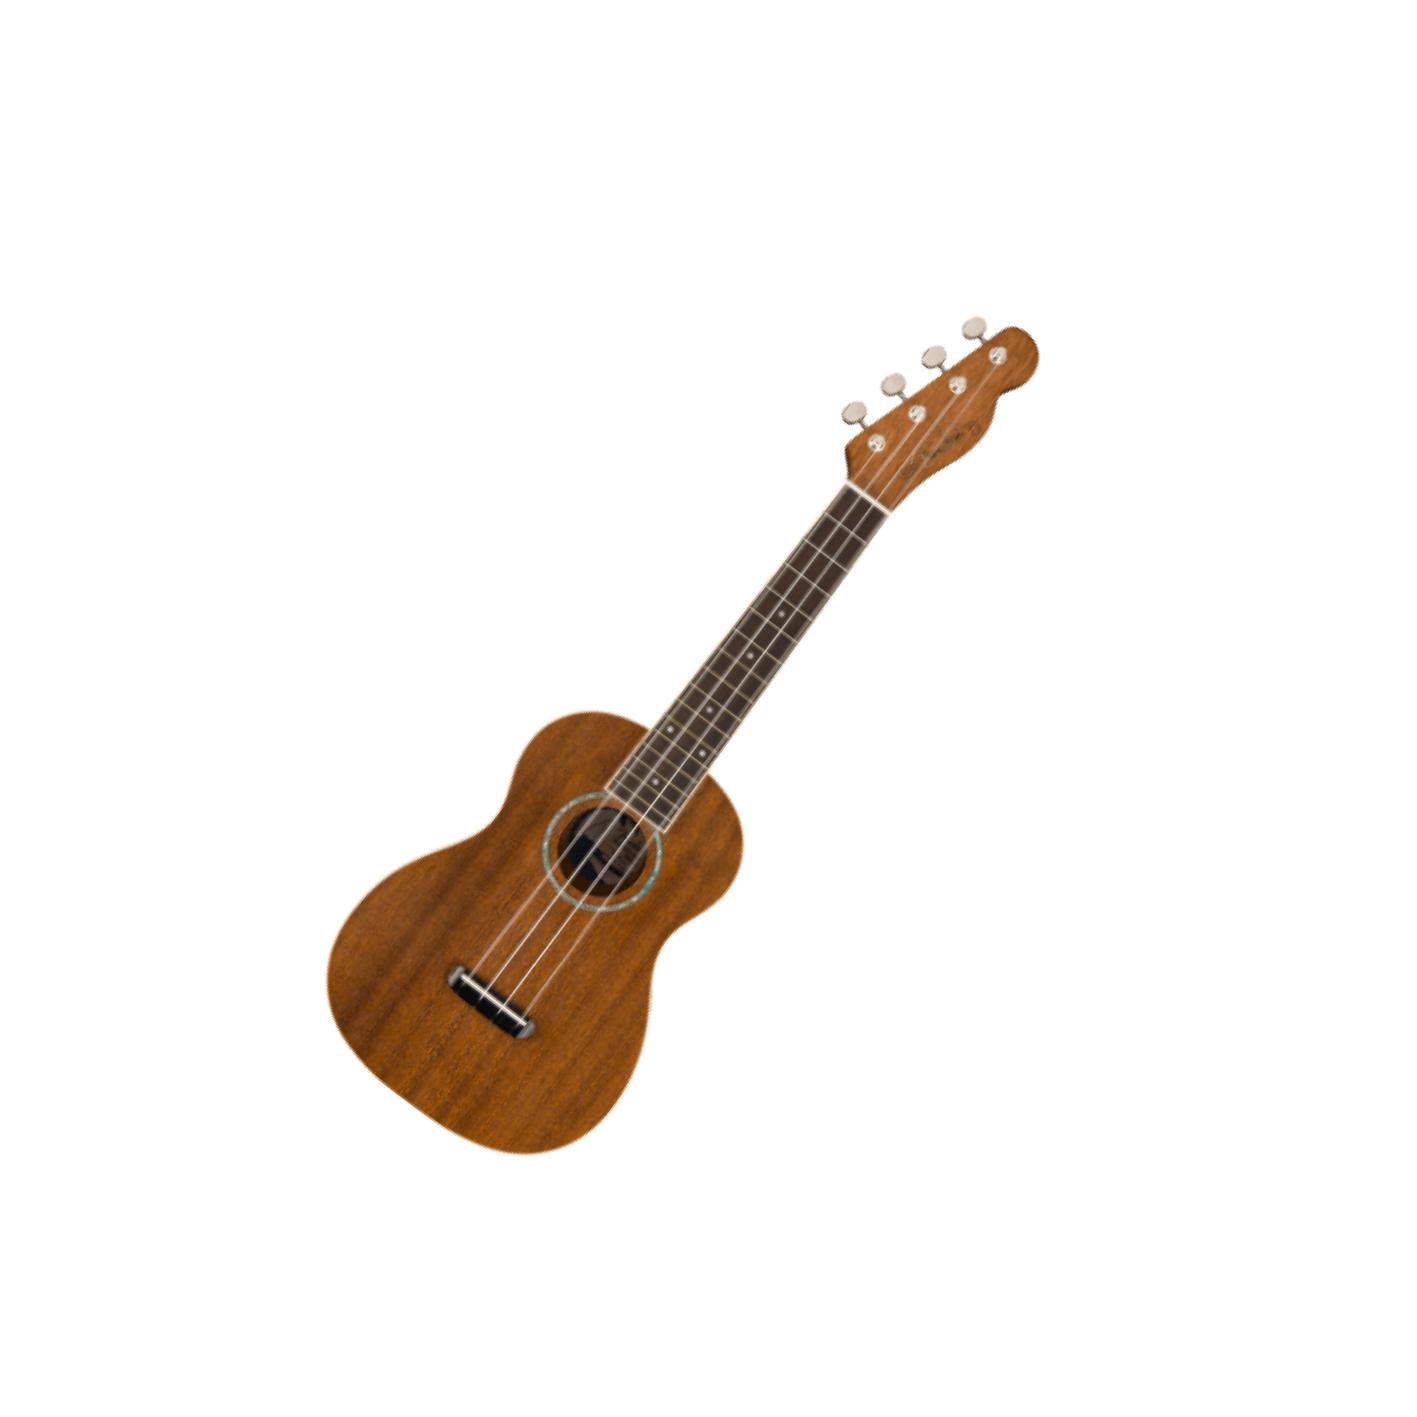 Fender Zuma Concert Ukulele Natural